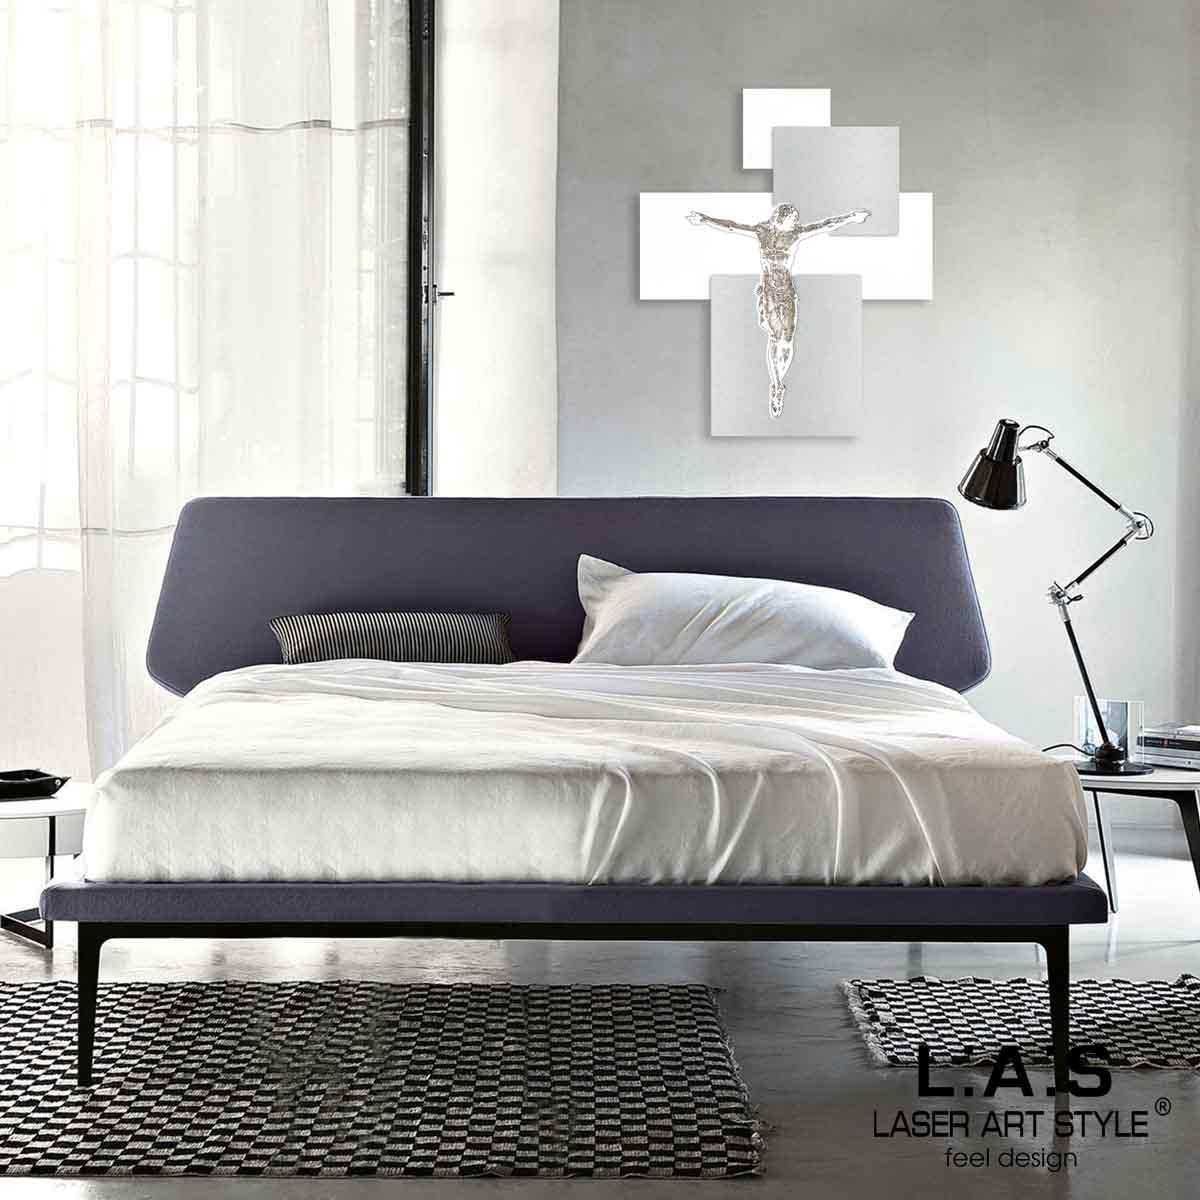 L:A:S - Laser Art Style - CROCIFISSO DA PARETE MODERNO – CR19 BIANCO-GRIGIO MARRONE